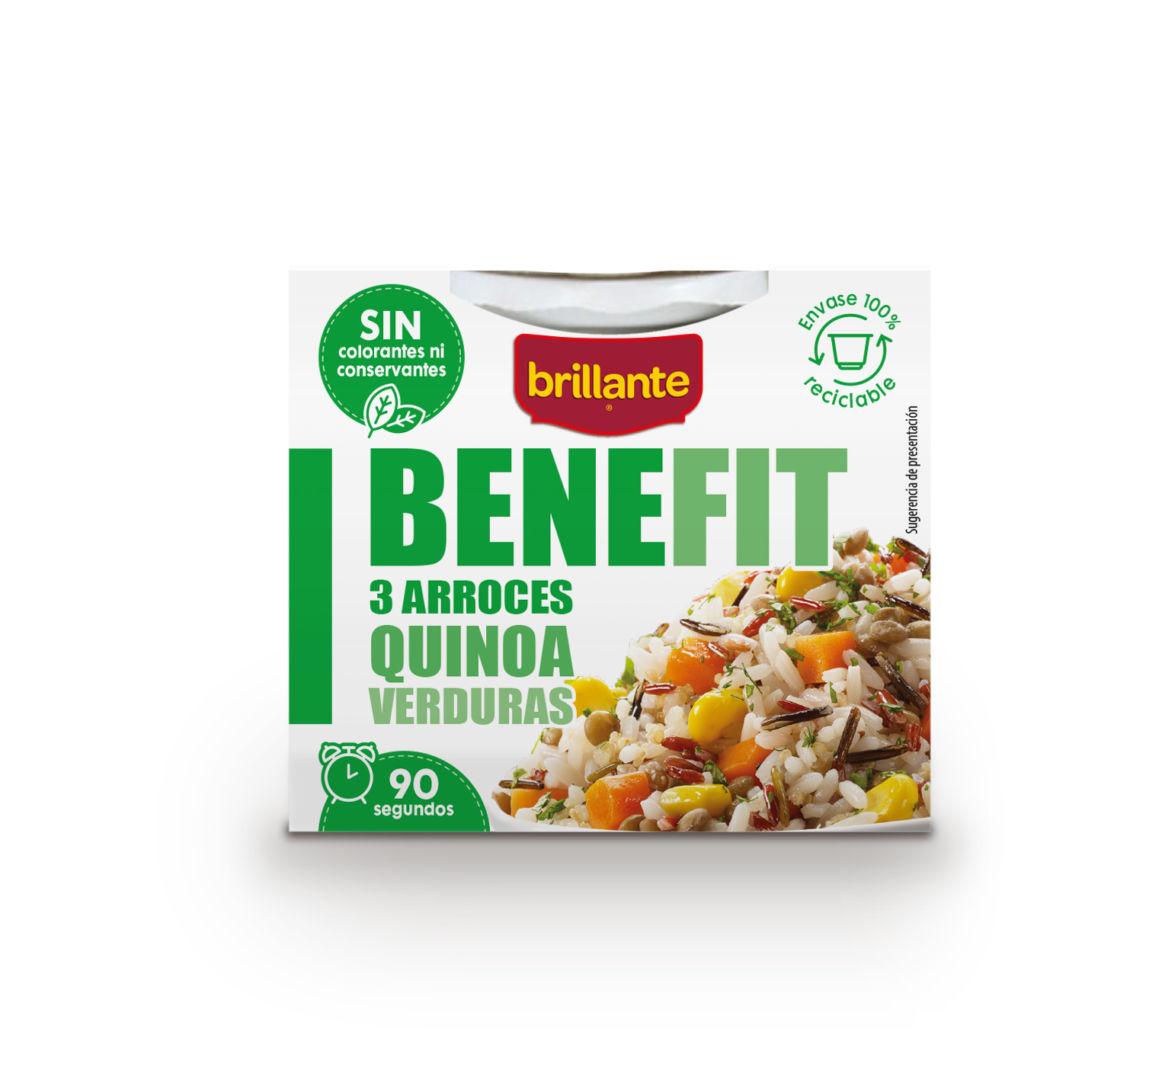 brillante-benefit-3-arroces-quinoa-verduras